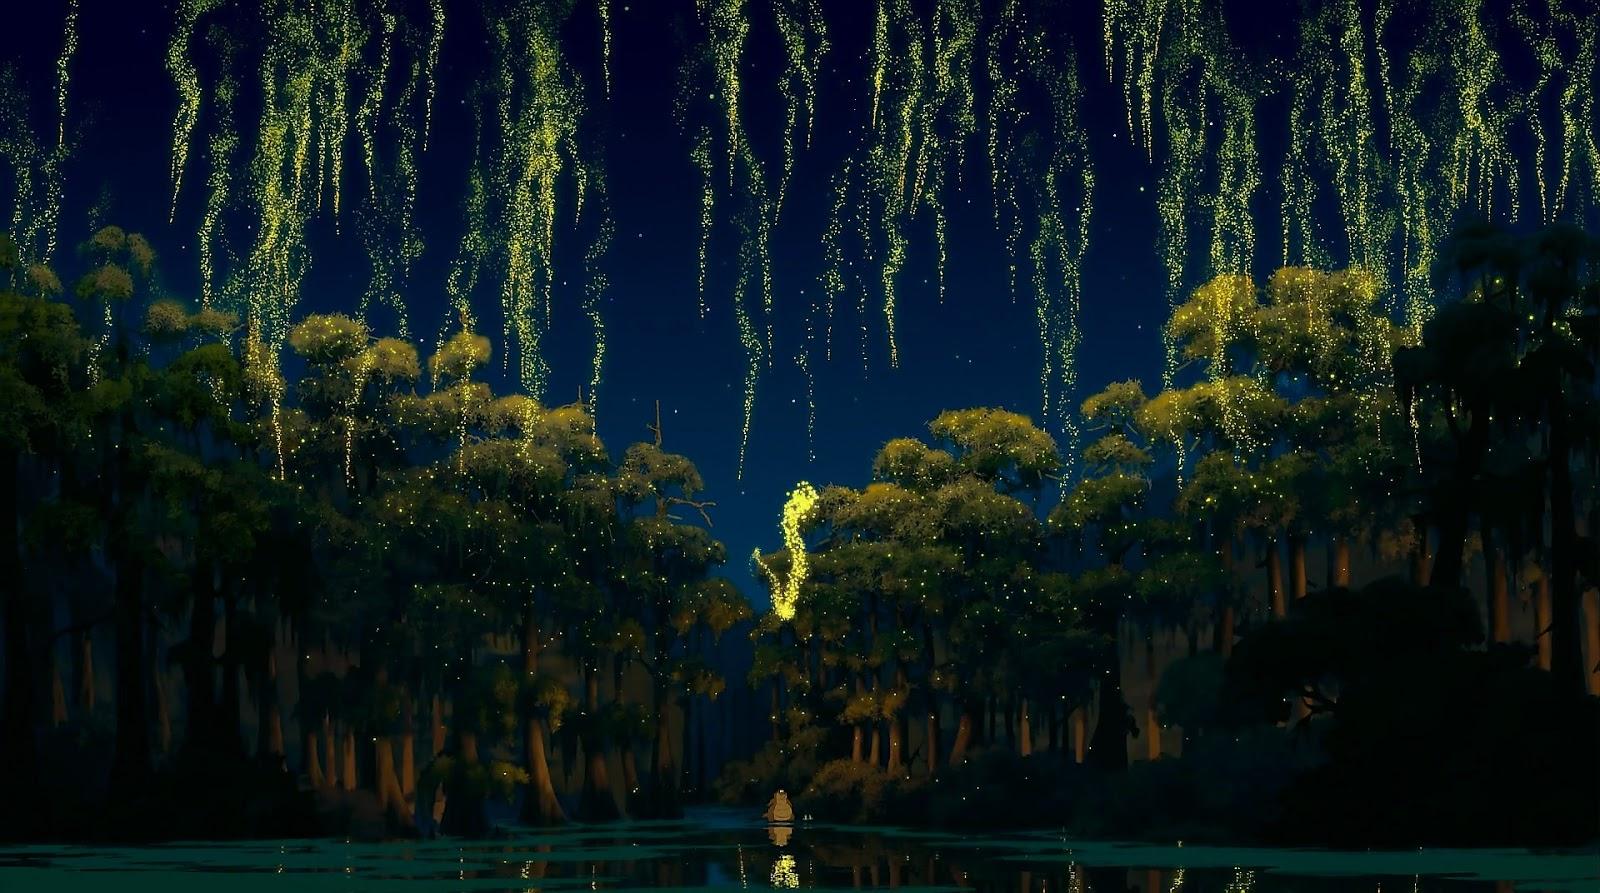 El Rapto de los Sentidos: Lugares inspiradores para Disney